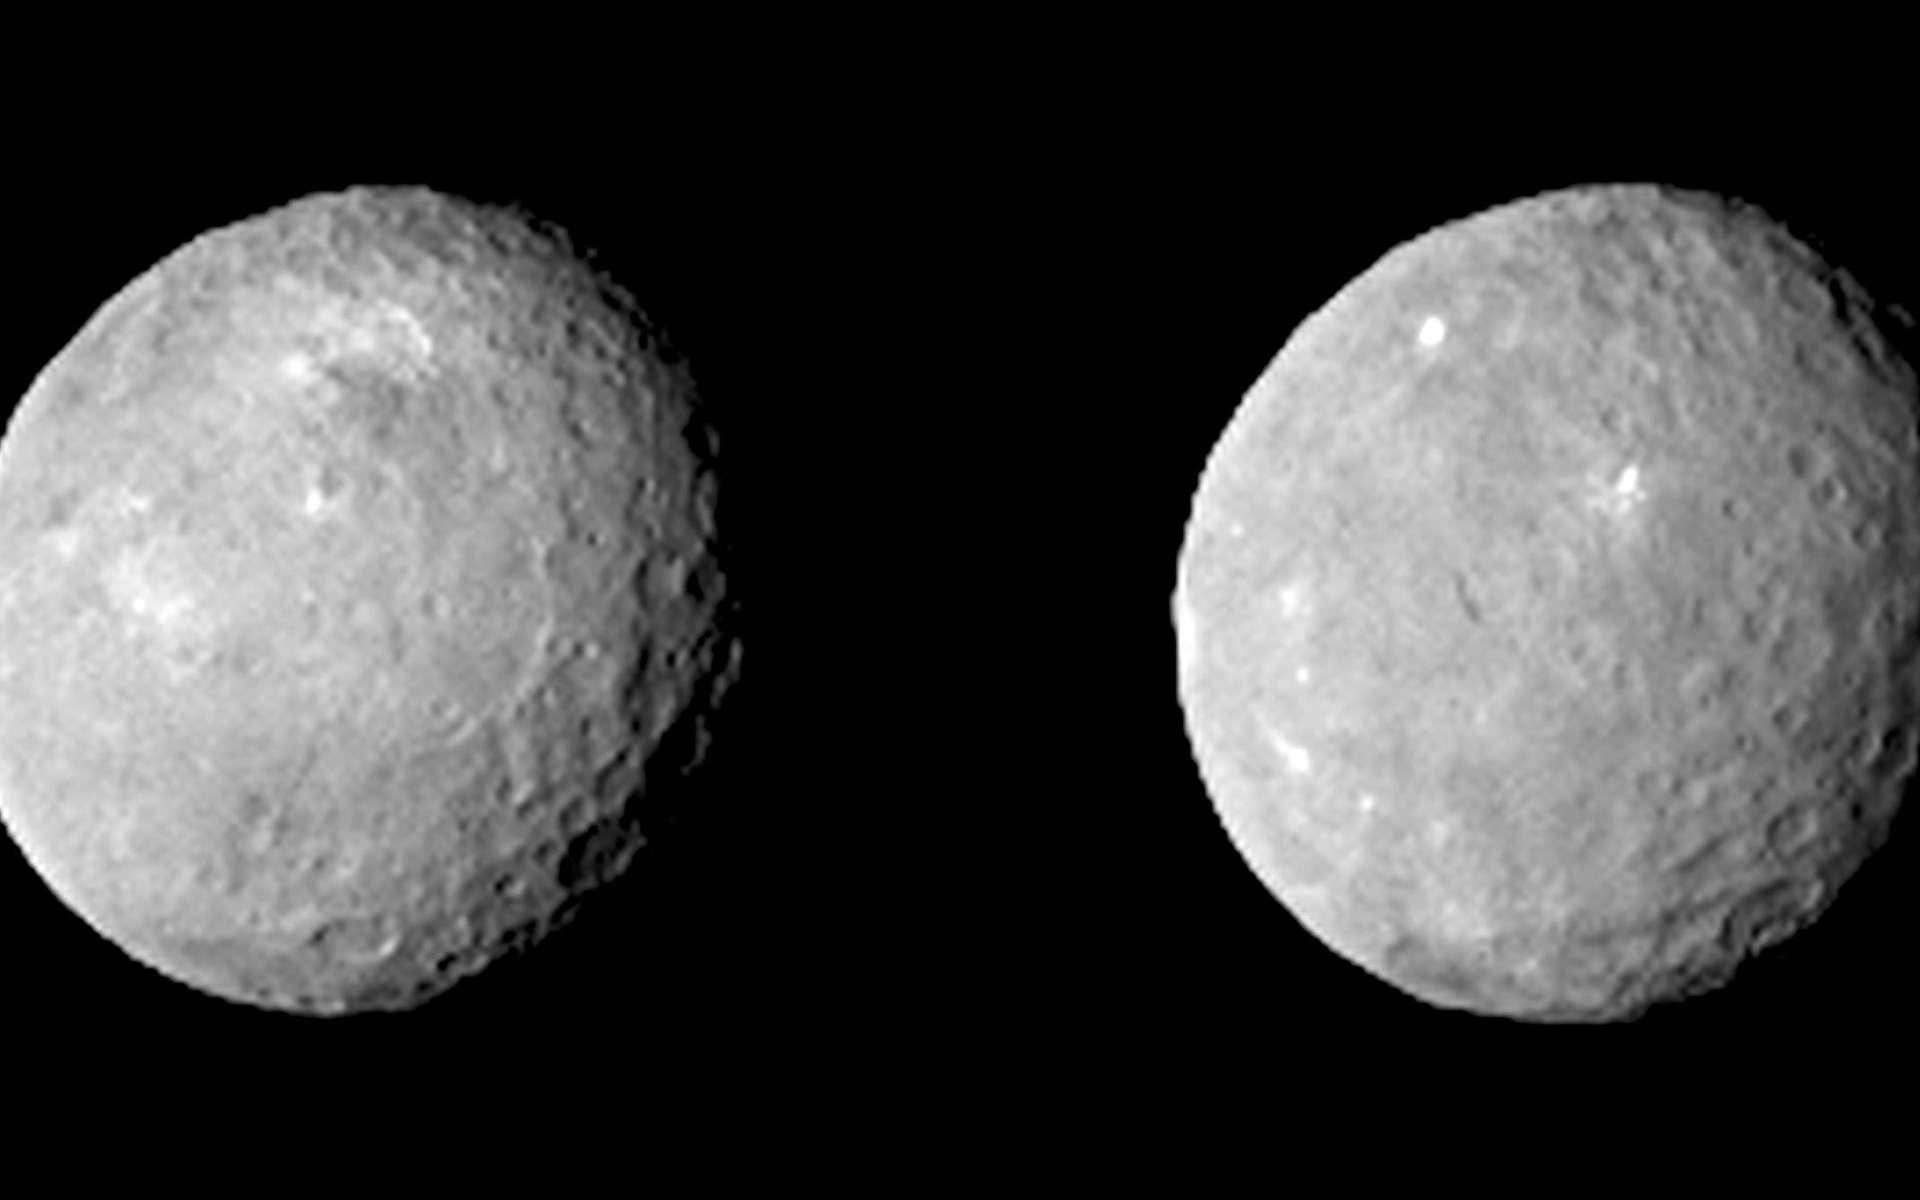 Cérès photographiée à 10 heures d'intervalle par Dawn, le 12 février 2015. La sonde spatiale était alors à 83.000 km de la planète naine d'environ 950 km de diamètre. Sa période de rotation est de 9 heures et 4 minutes. © Nasa, JPL-Caltech, Ucla, MPS, DLR, IDA